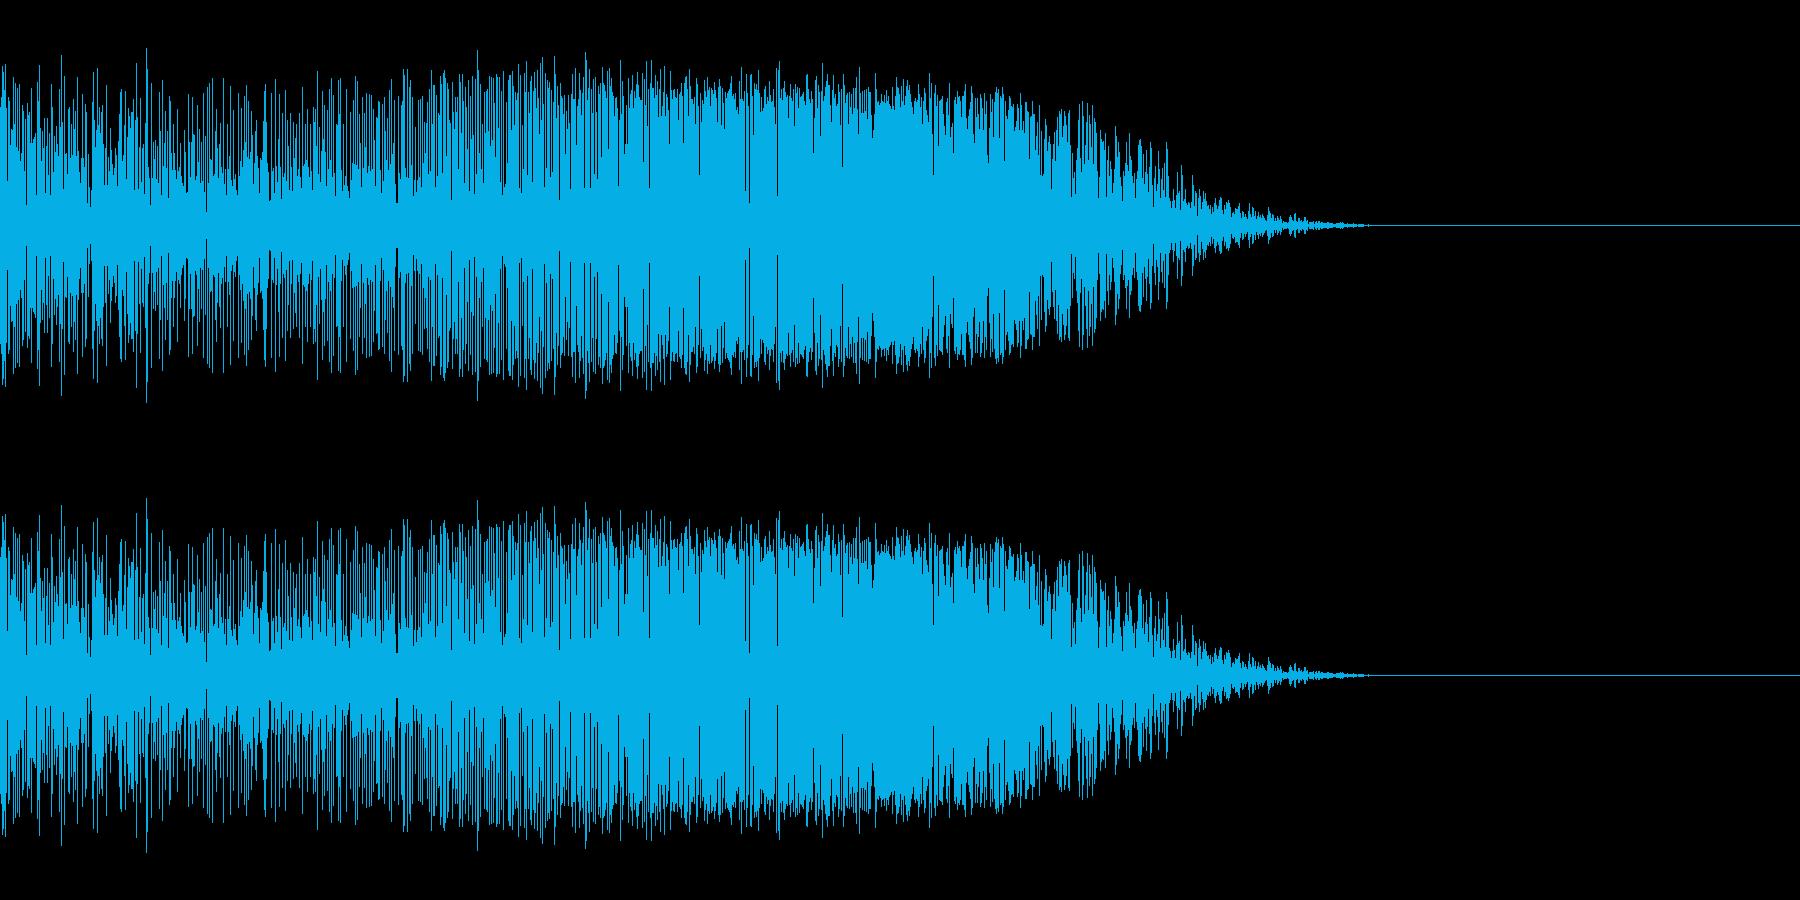 シュッ(スワイプ/アプリ/ゲーム)の再生済みの波形